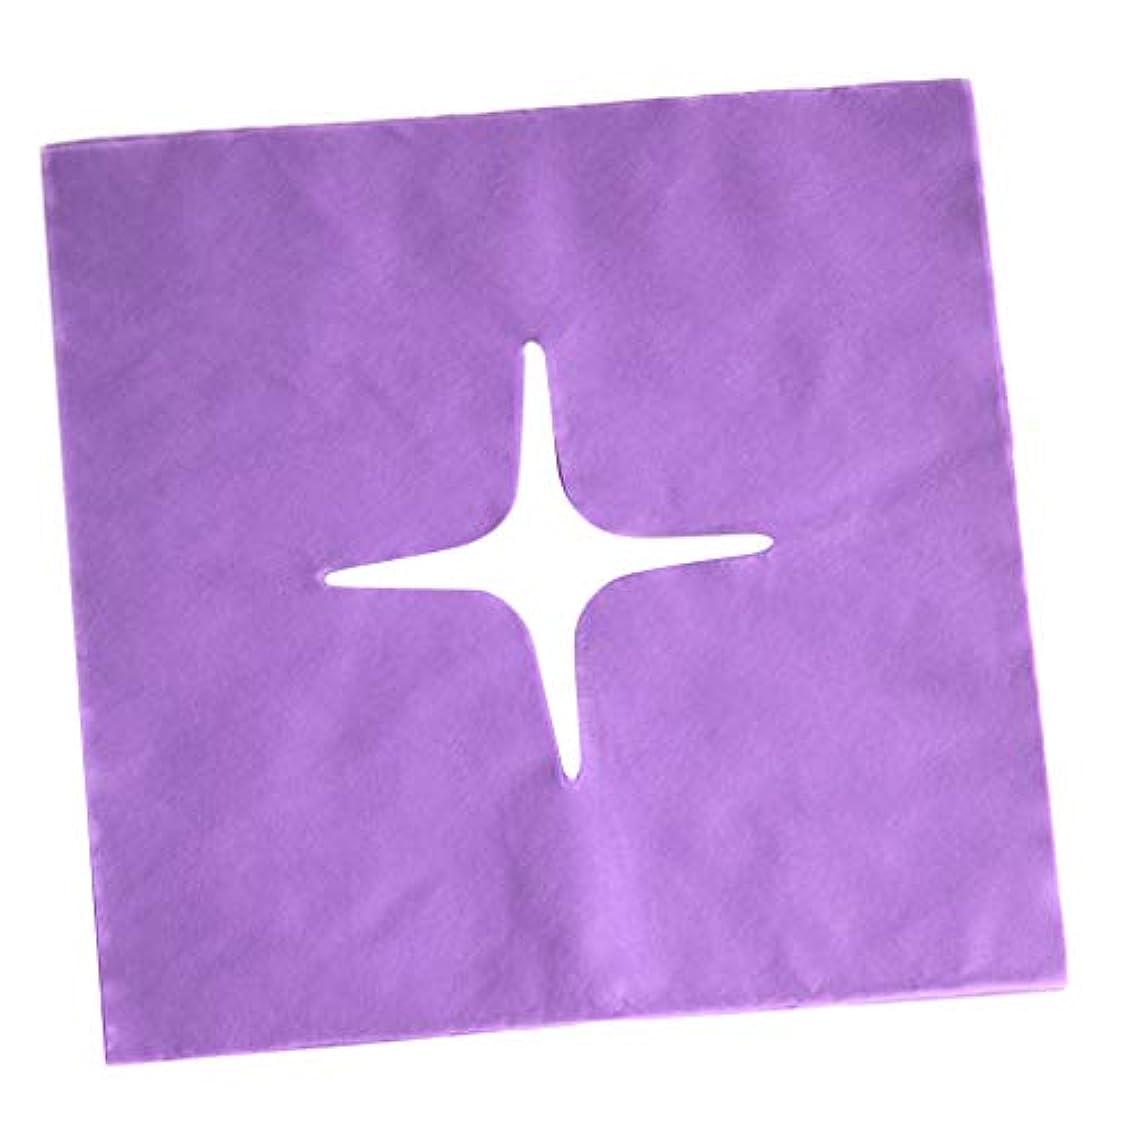 に消す夜間フェイスクレードルカバー マッサージフェイスカバー 使い捨て マッサージ用 美容院 サロン 全3色 - 紫の